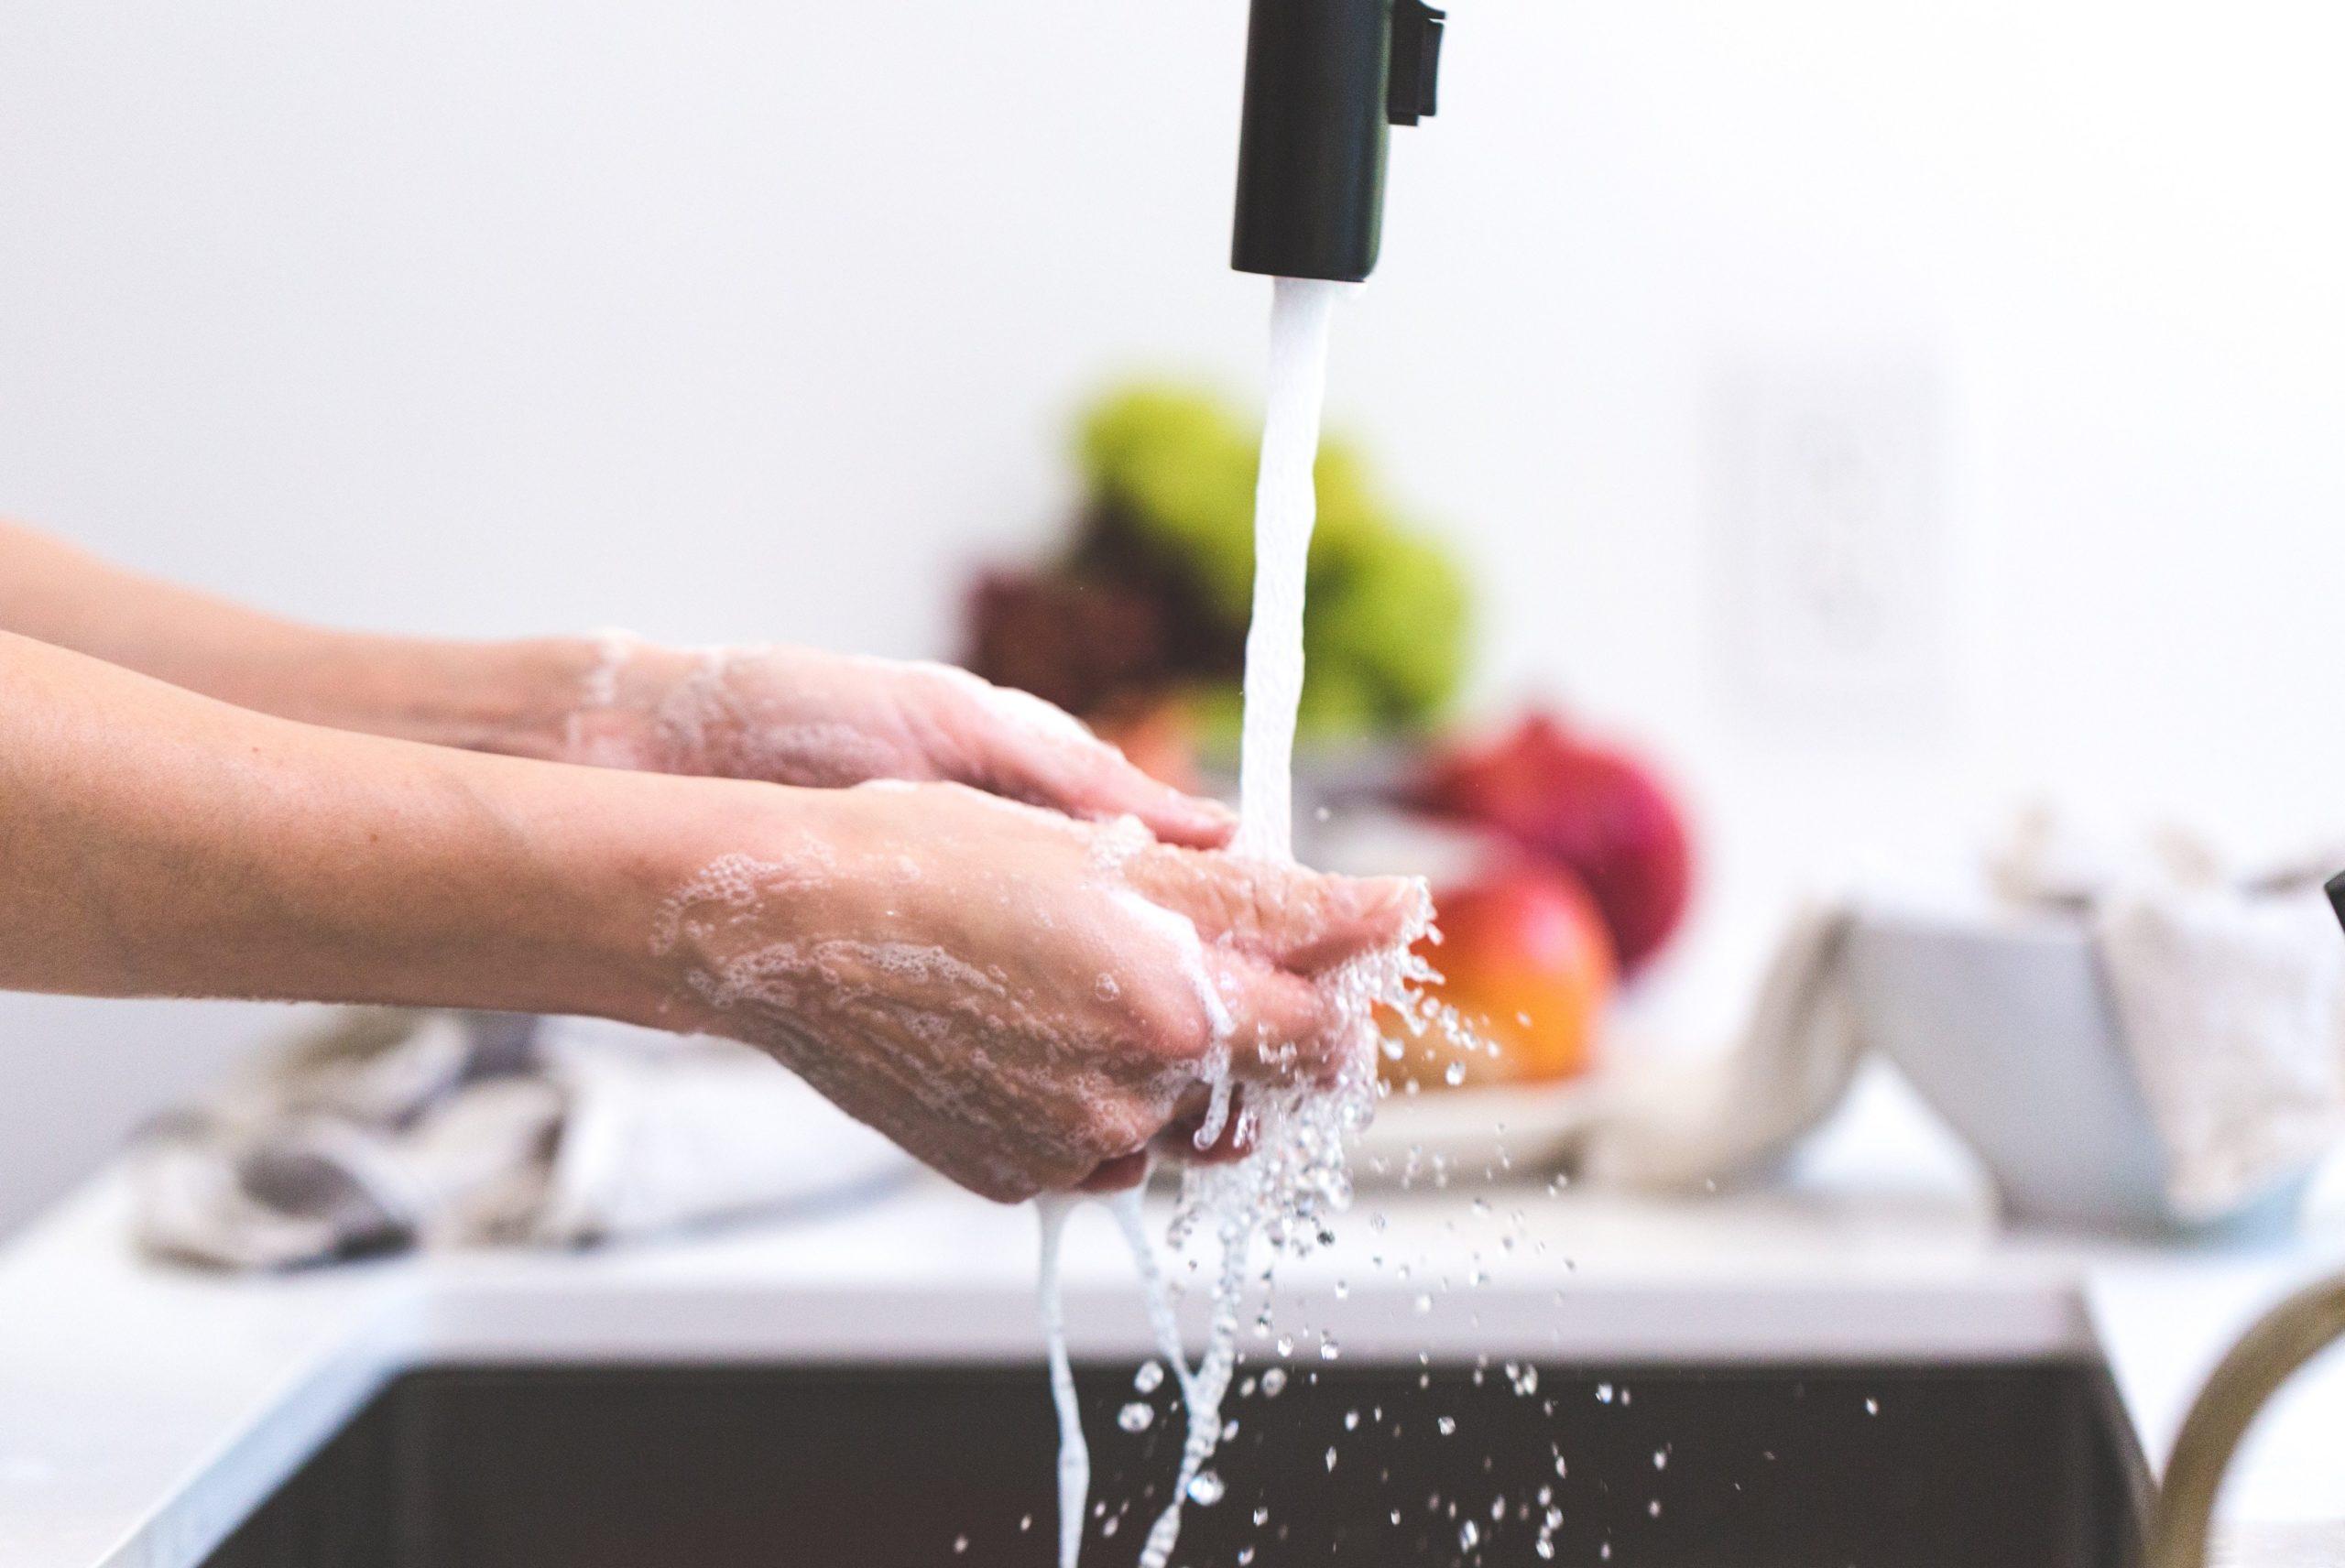 handen wassen onder stromend water met fruit op de achtergrond naast de wastafel